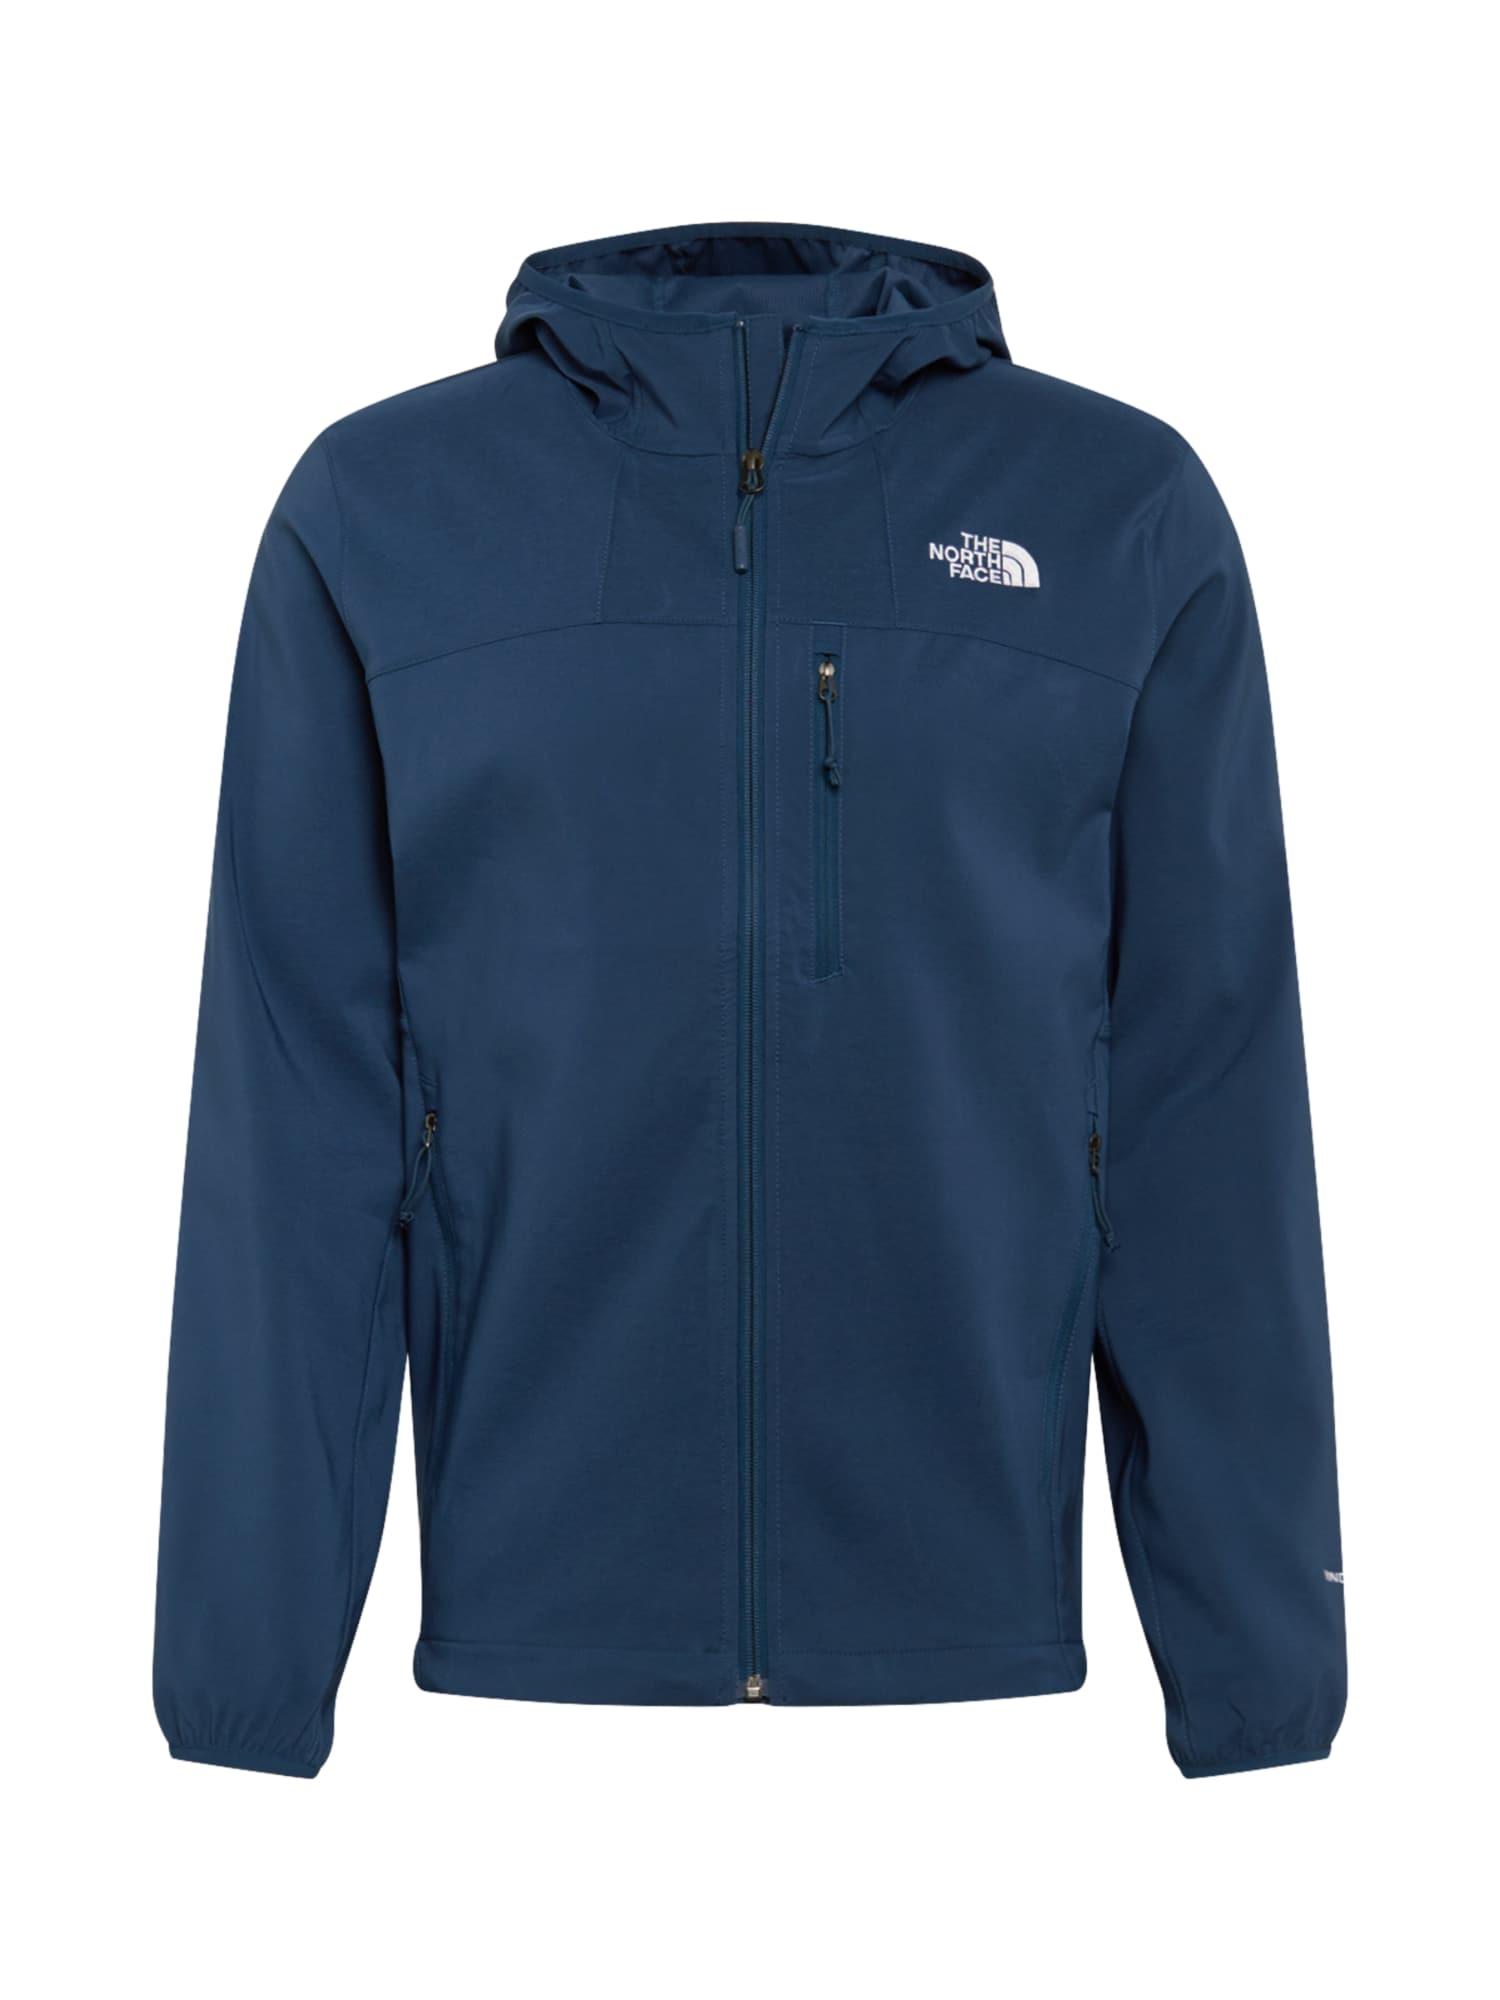 THE NORTH FACE Sportovní bunda 'Nimble'  námořnická modř